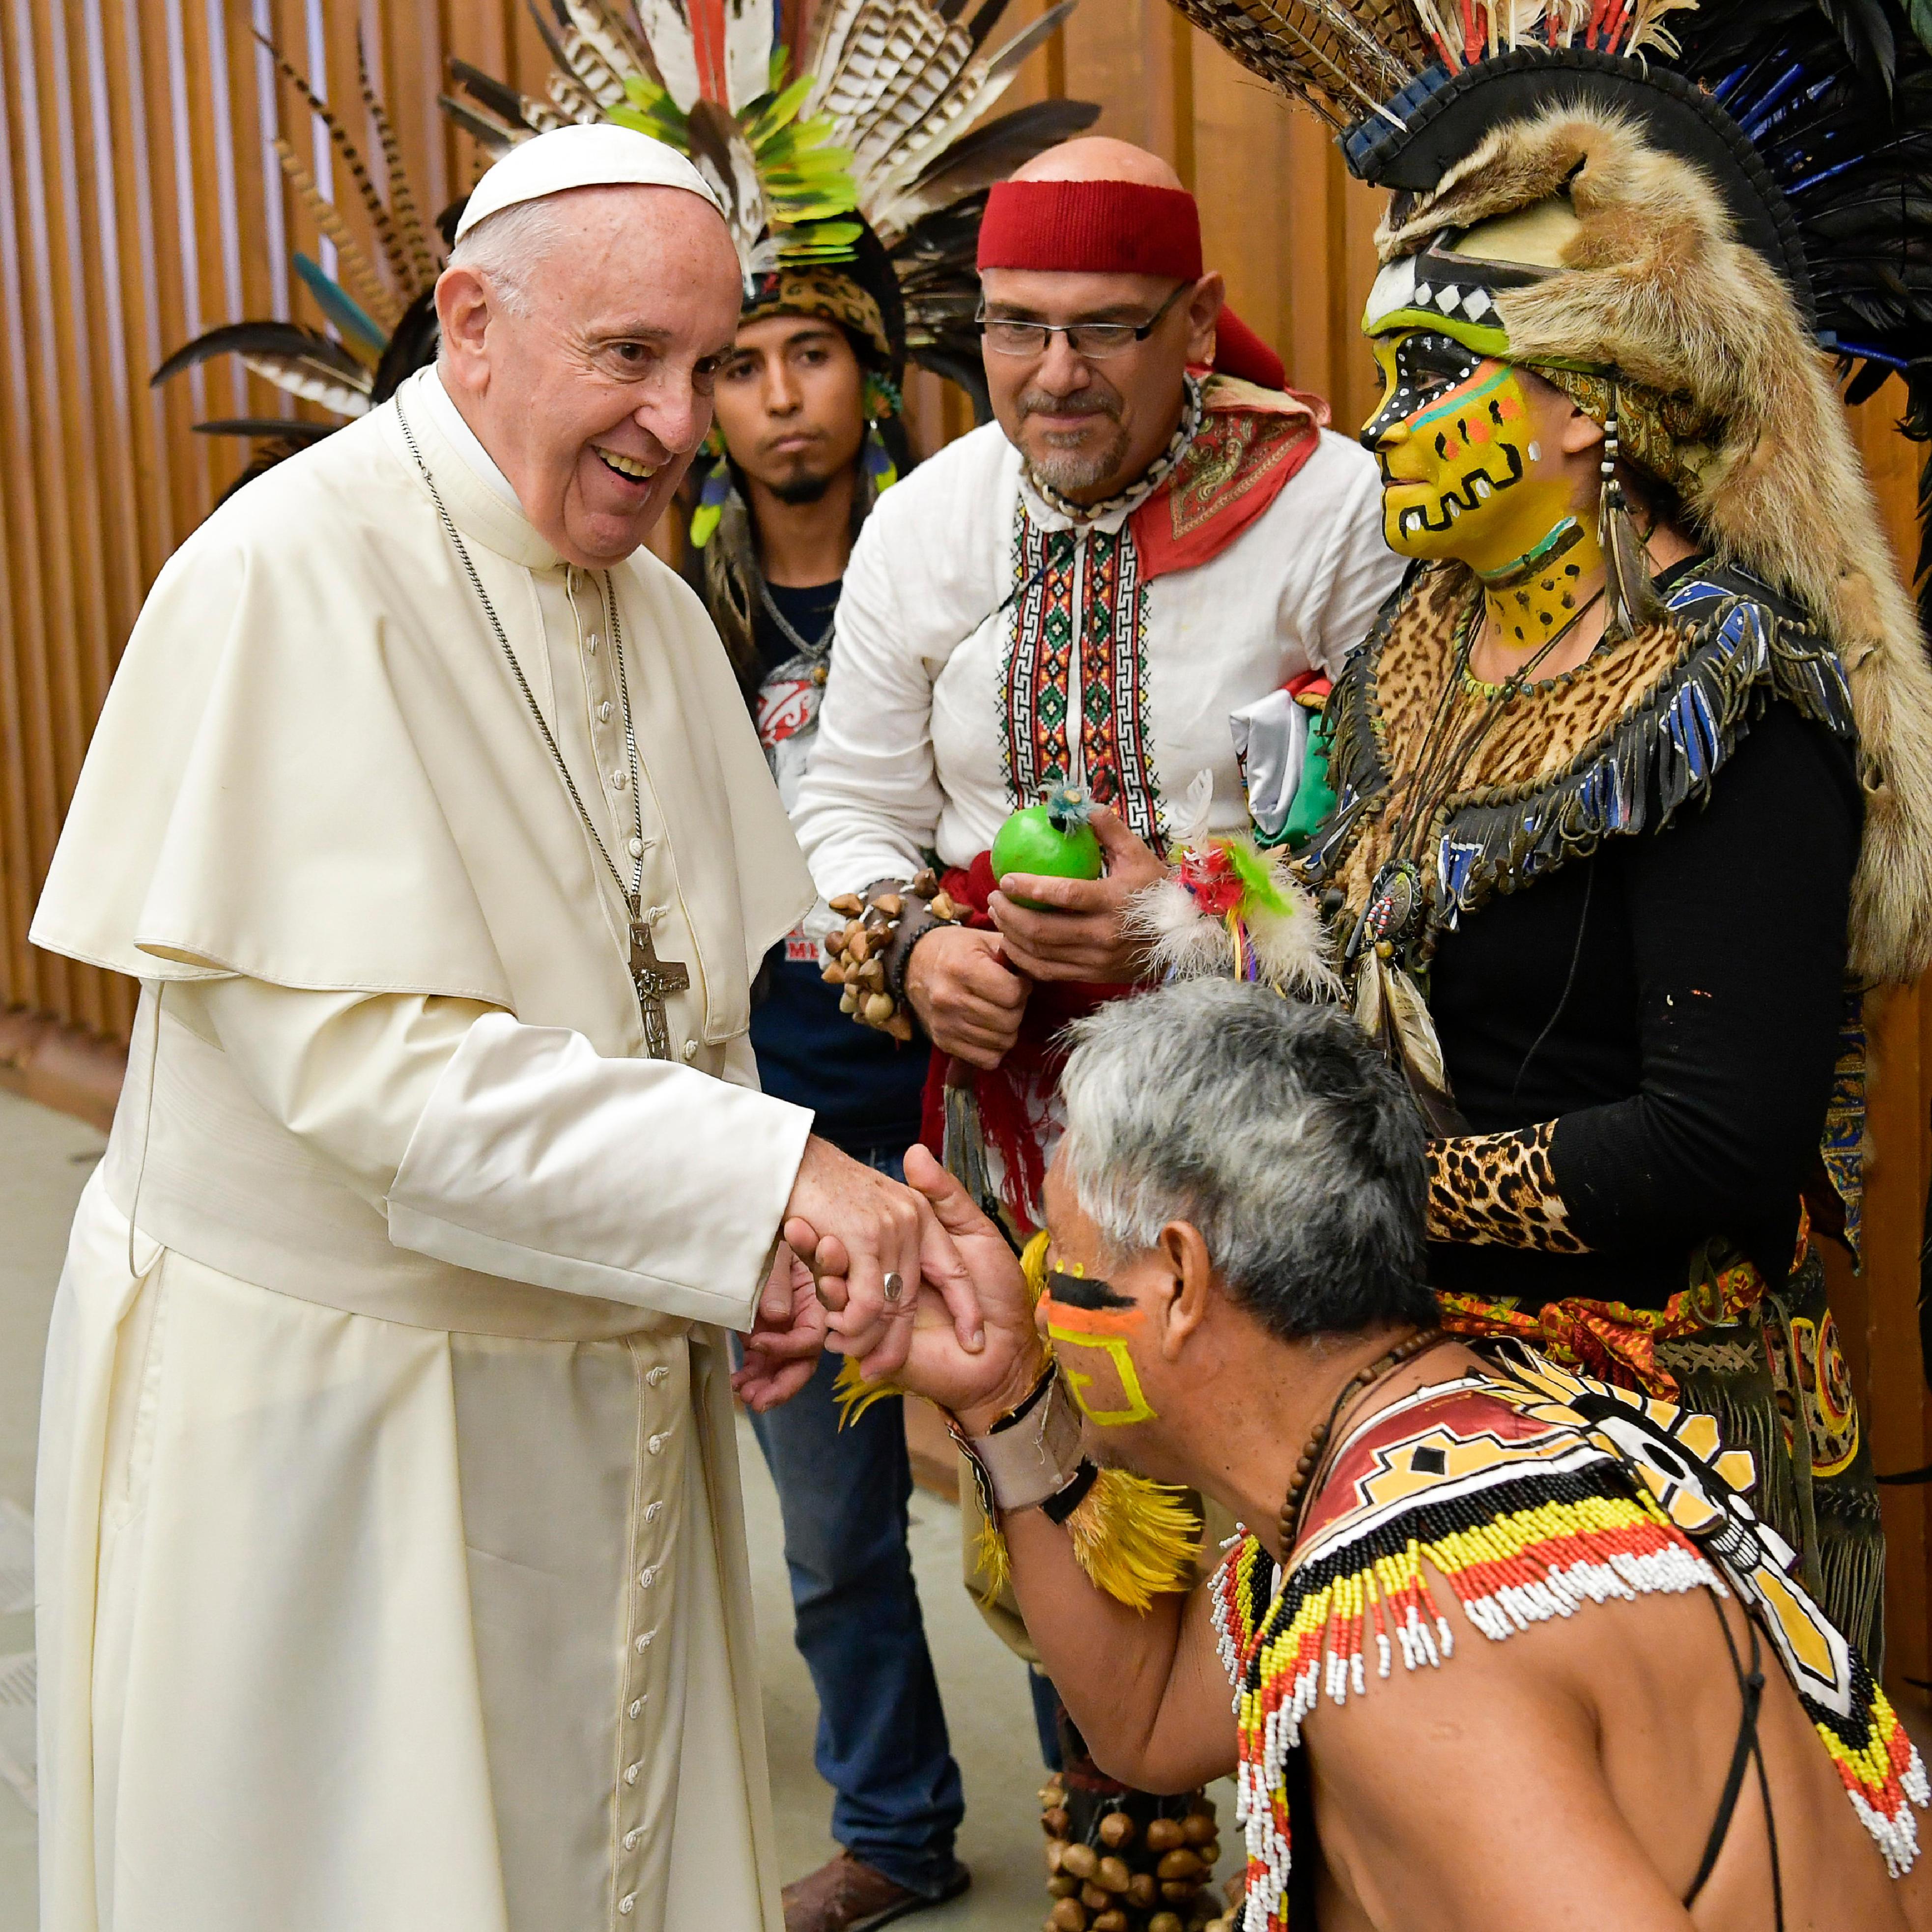 El Papa saludó a un grupo de indígenas mexicanos en la audiencia general © Vatican Media